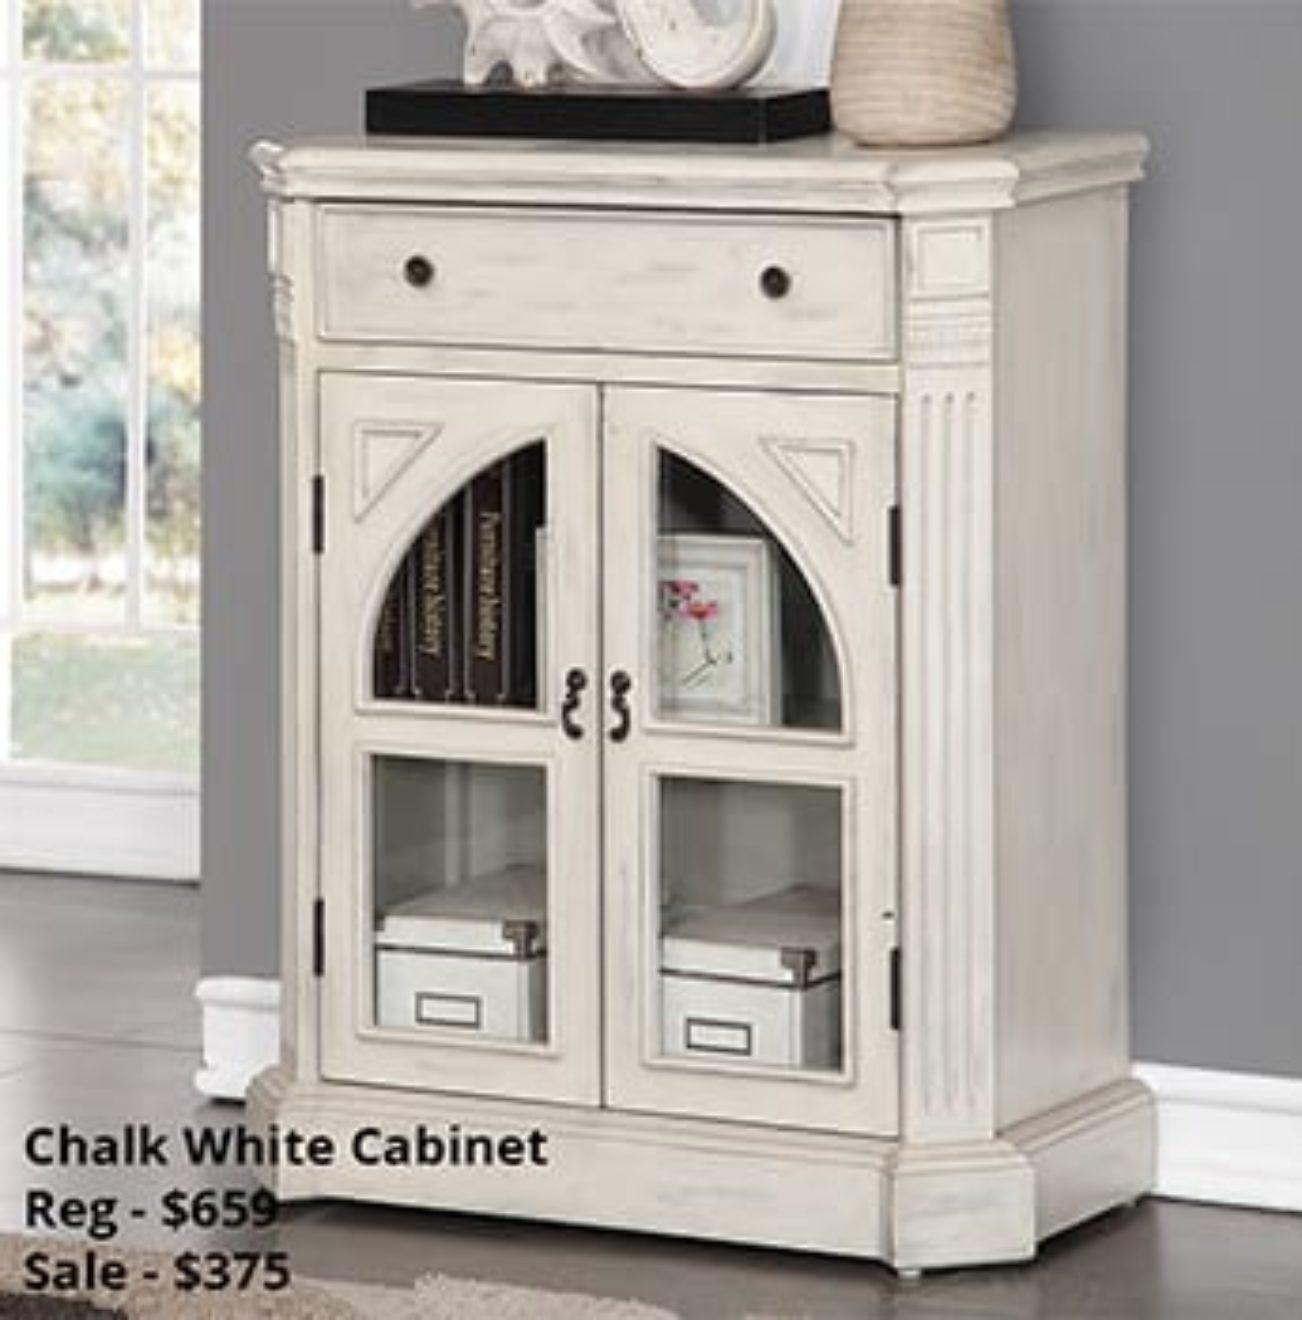 Chalk white cabinet